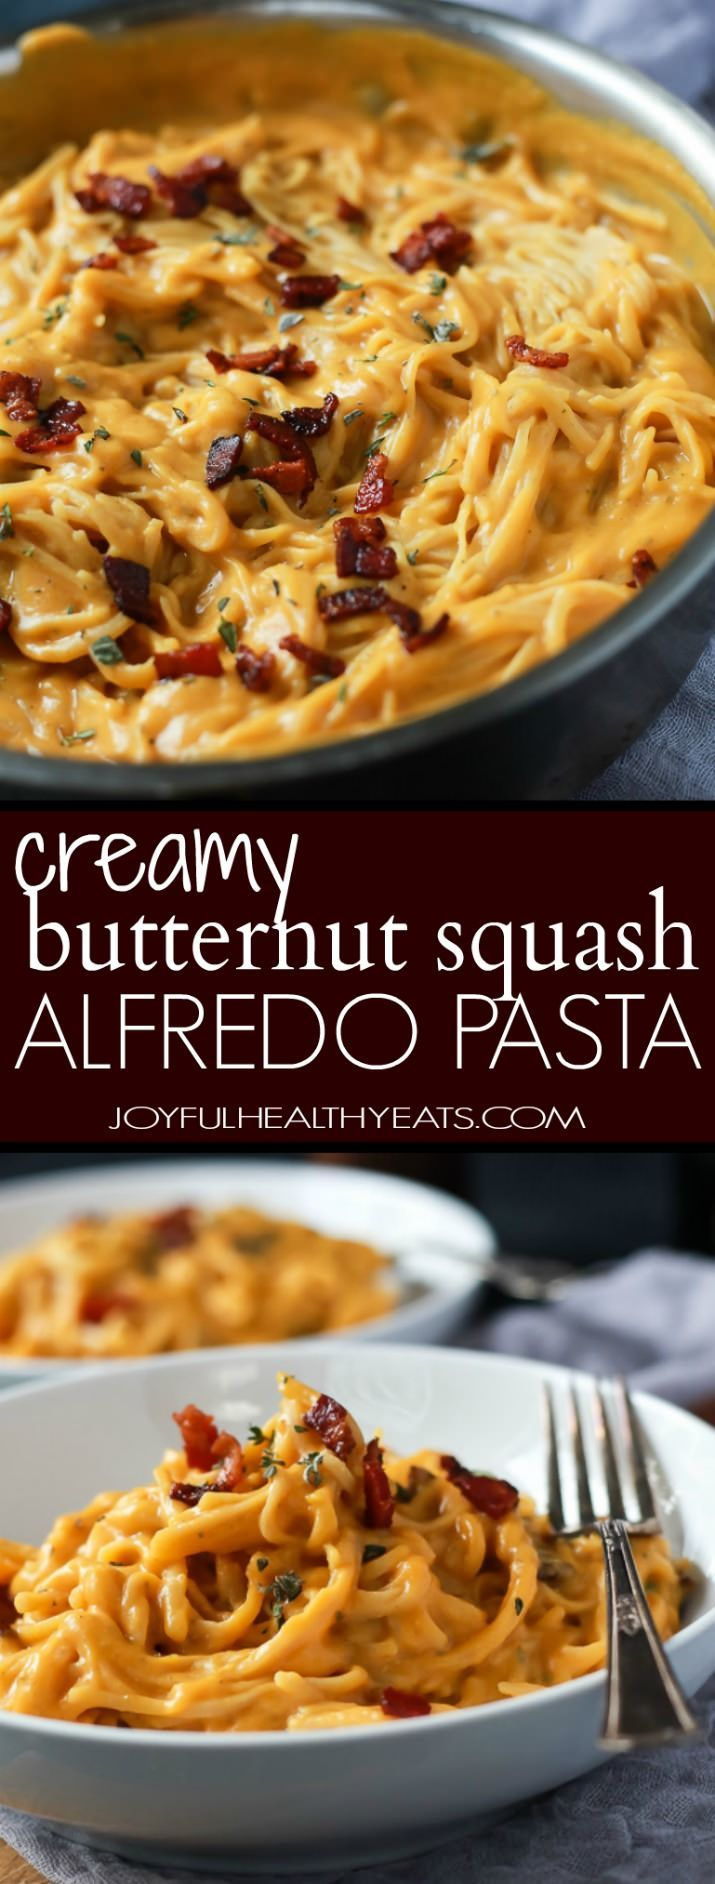 Cremige Butternut Squash Alfredo Pasta durchdrungen mit frischem Salbei und Thymian dann mit einer Garnitur von salzigen Speck auf perfektioniert! Der Rückgang Rezept ist seidig glatt, saftig, gesund und absolut süchtig. | joyfulhealthyeats.com #glutenfree #fall